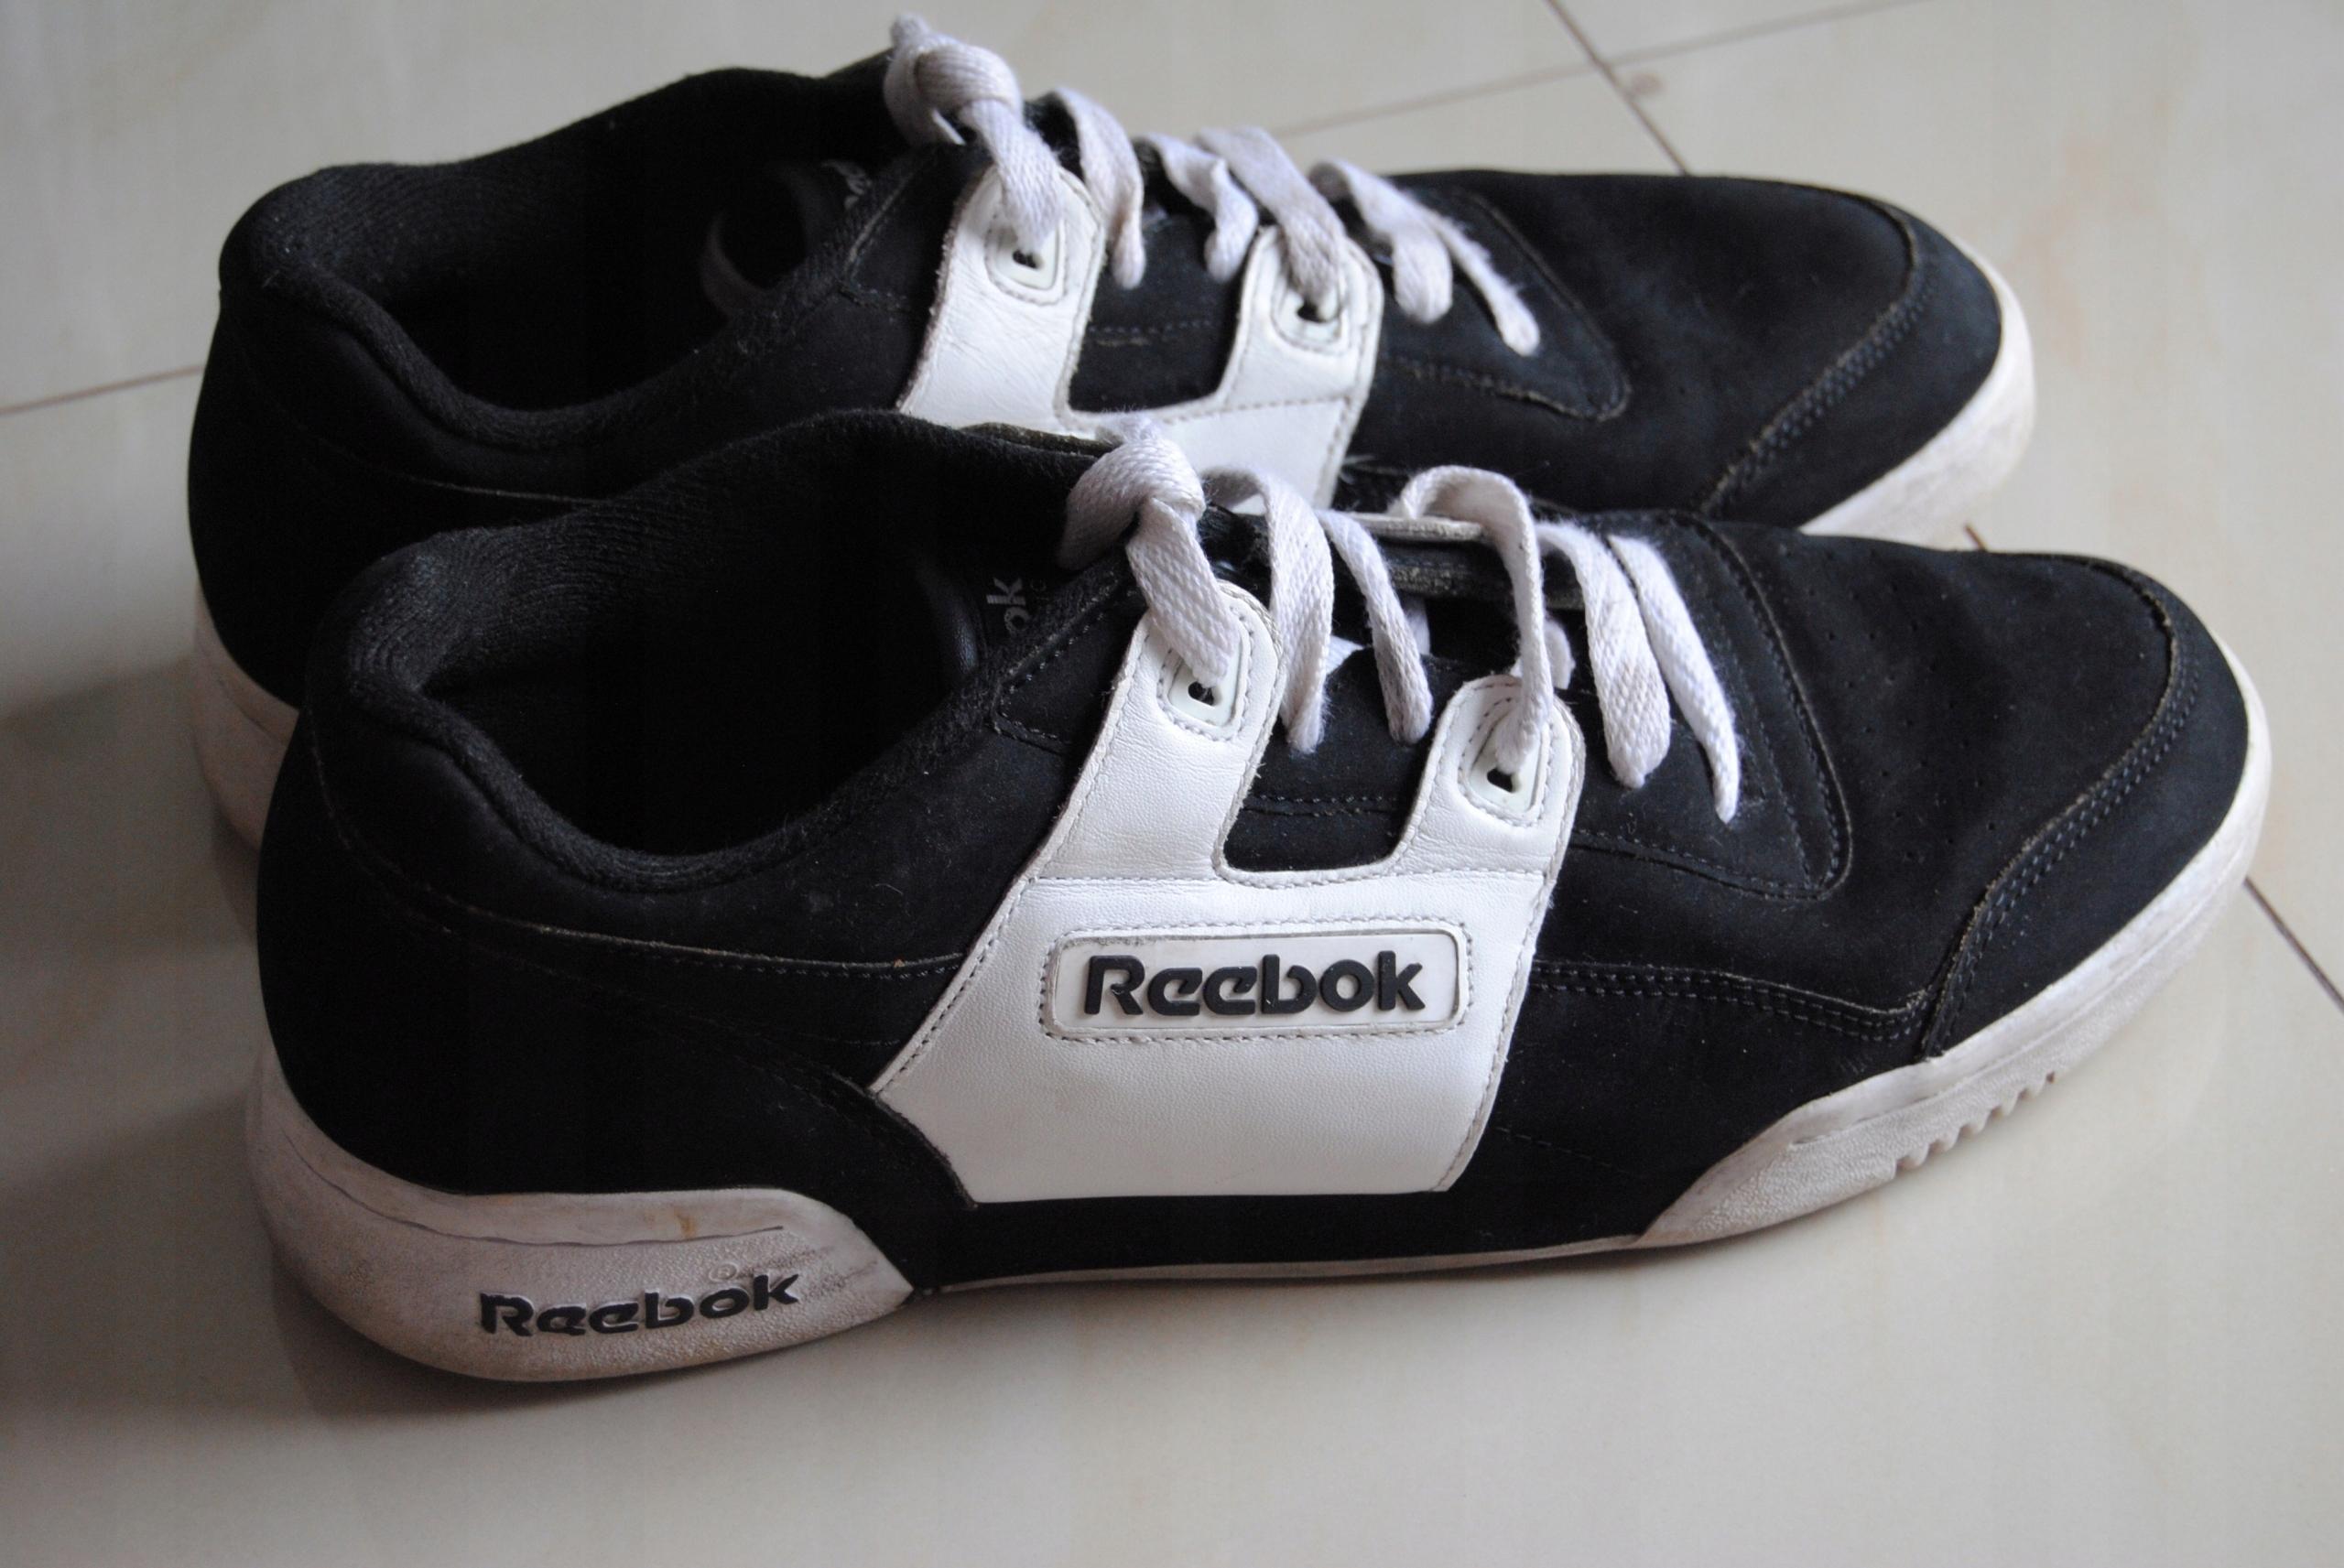 fda3f1b7 buty REEBOK Classic czarno-białe 43 sportowe - 7529278551 - oficjalne  archiwum allegro